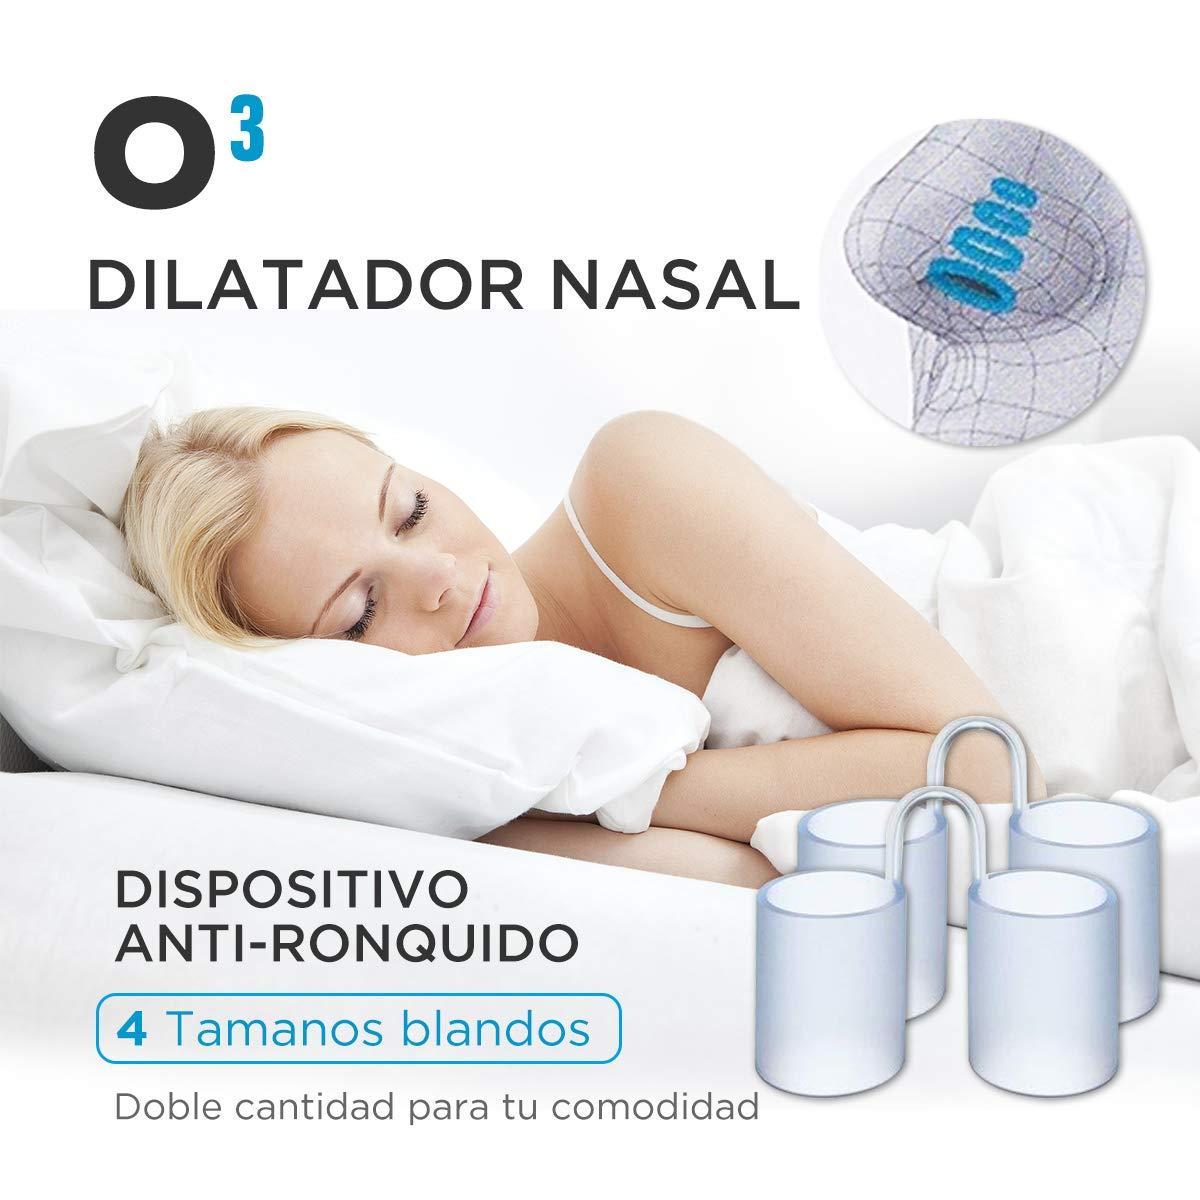 O³ Dilatador Nasal - 8 Antironquidos Nasal De Silicona Blanda - 100% sin BPA - Remedio Contra El Ronquido - Para Mejorar La Apnea Del Sueño y La Respiración ...